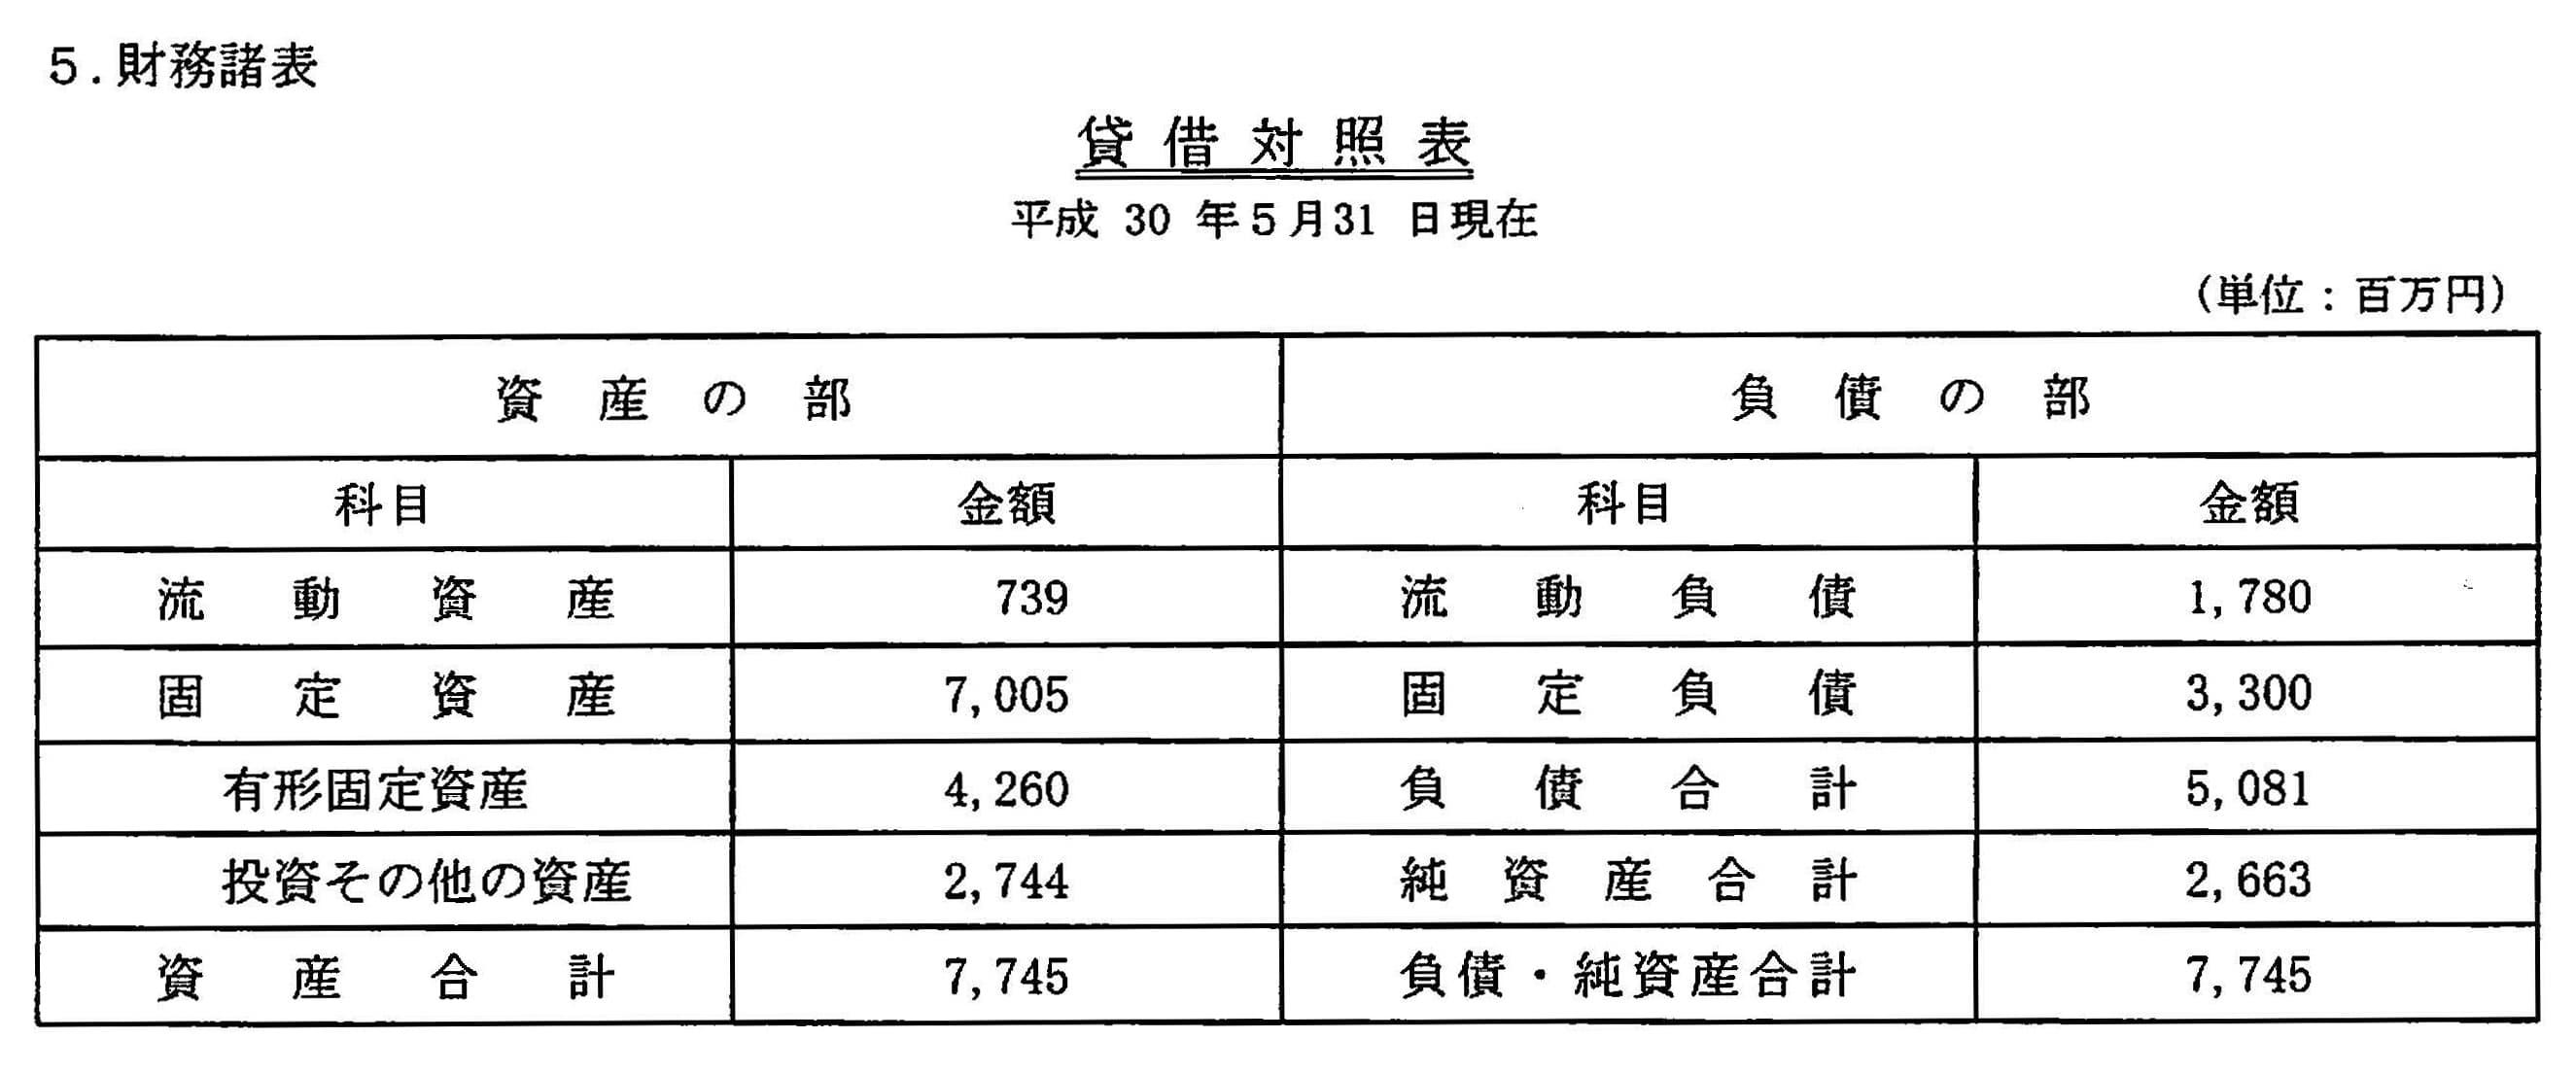 20180531_貸借対照表